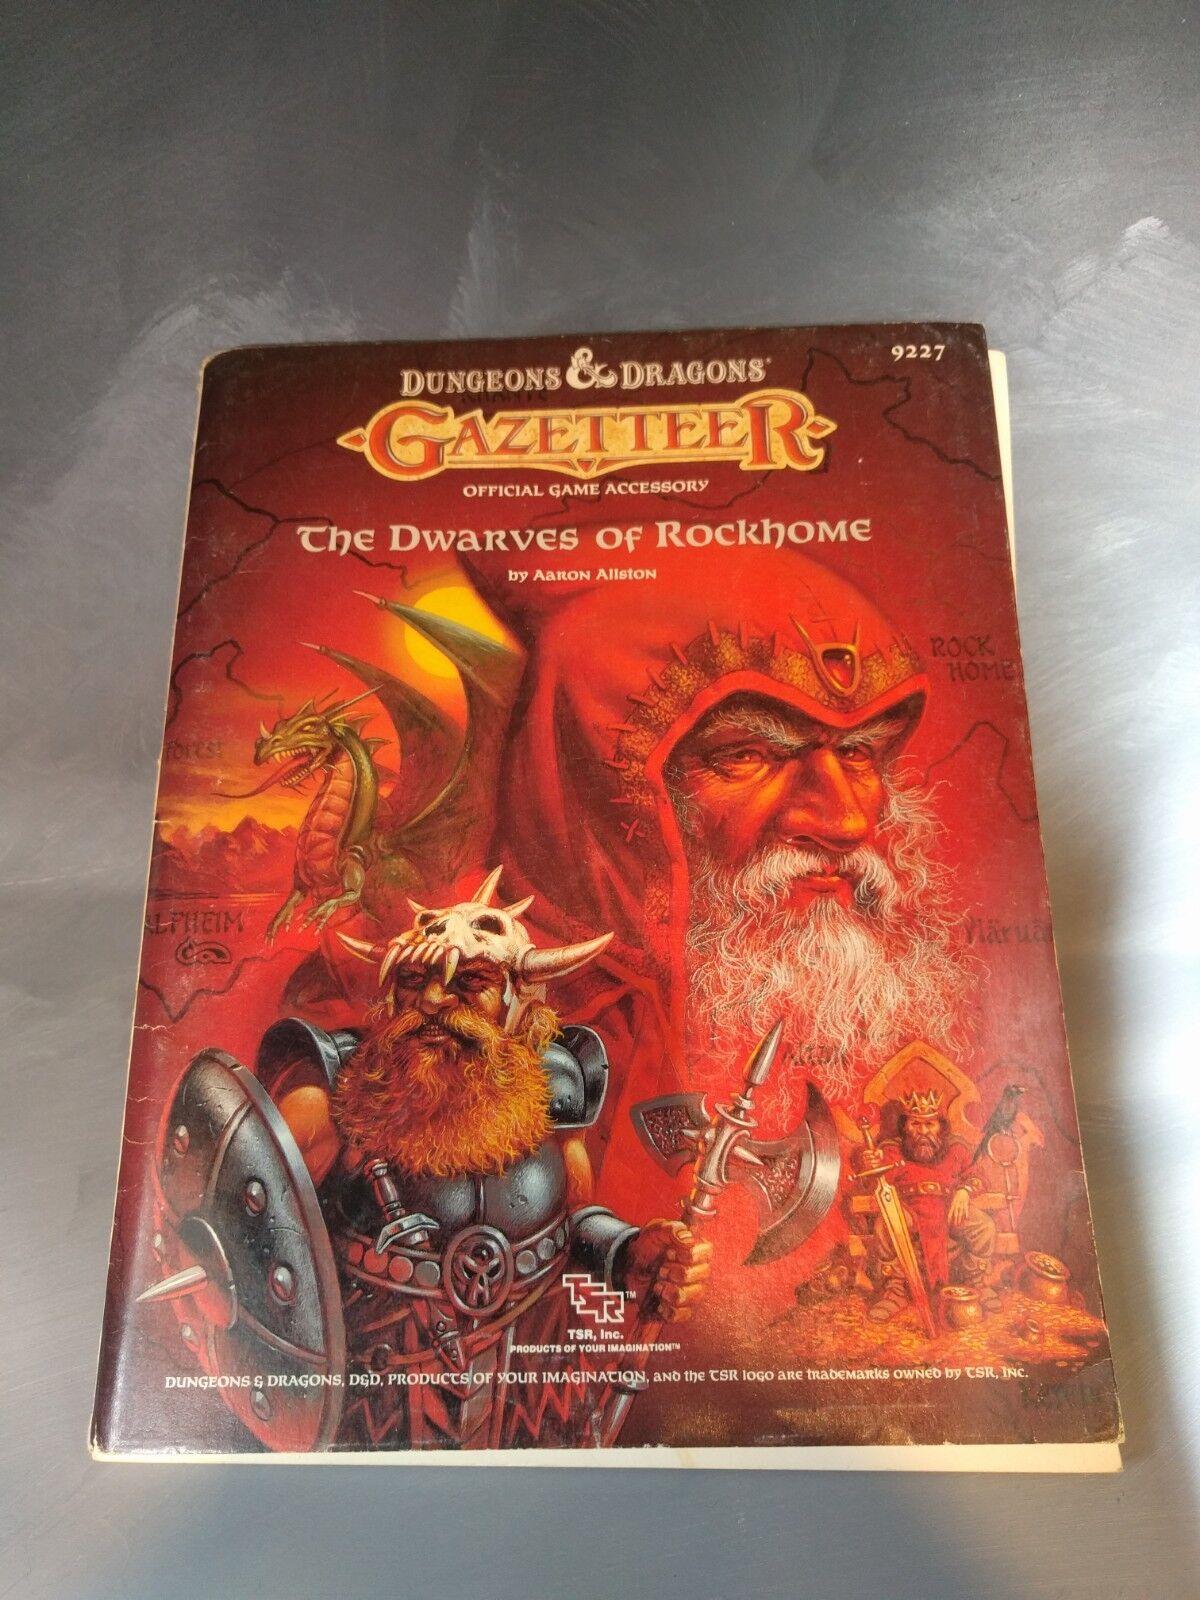 venta D&D Gazetteer The Dwarves Dwarves Dwarves of Rockhome TSR item 9227  ventas en línea de venta